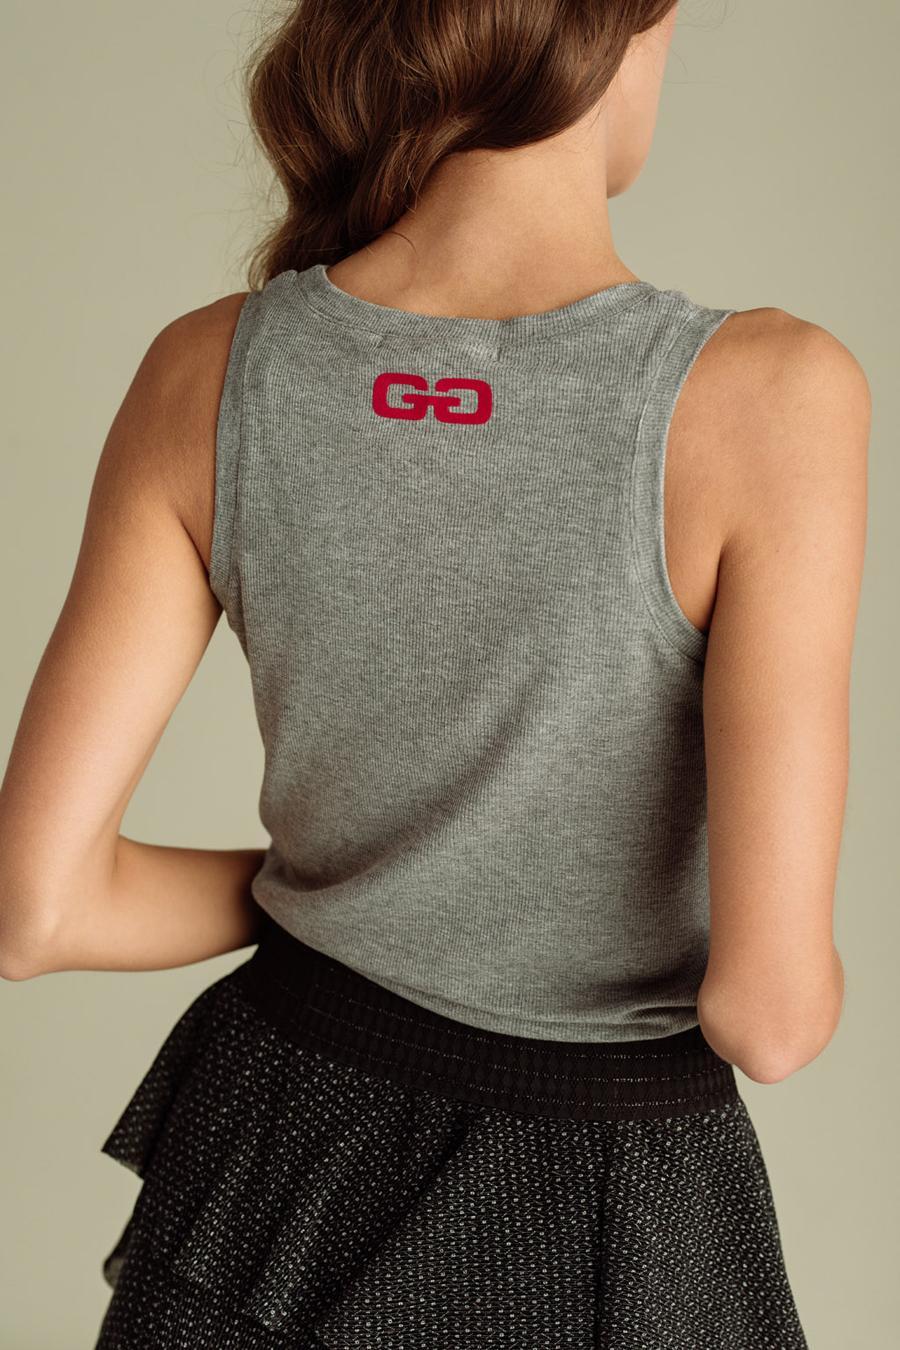 Jagger Zenska Majica Kolekcija Prolece Leto Ss2021 Kupi Online Jg 8433 05 2 New